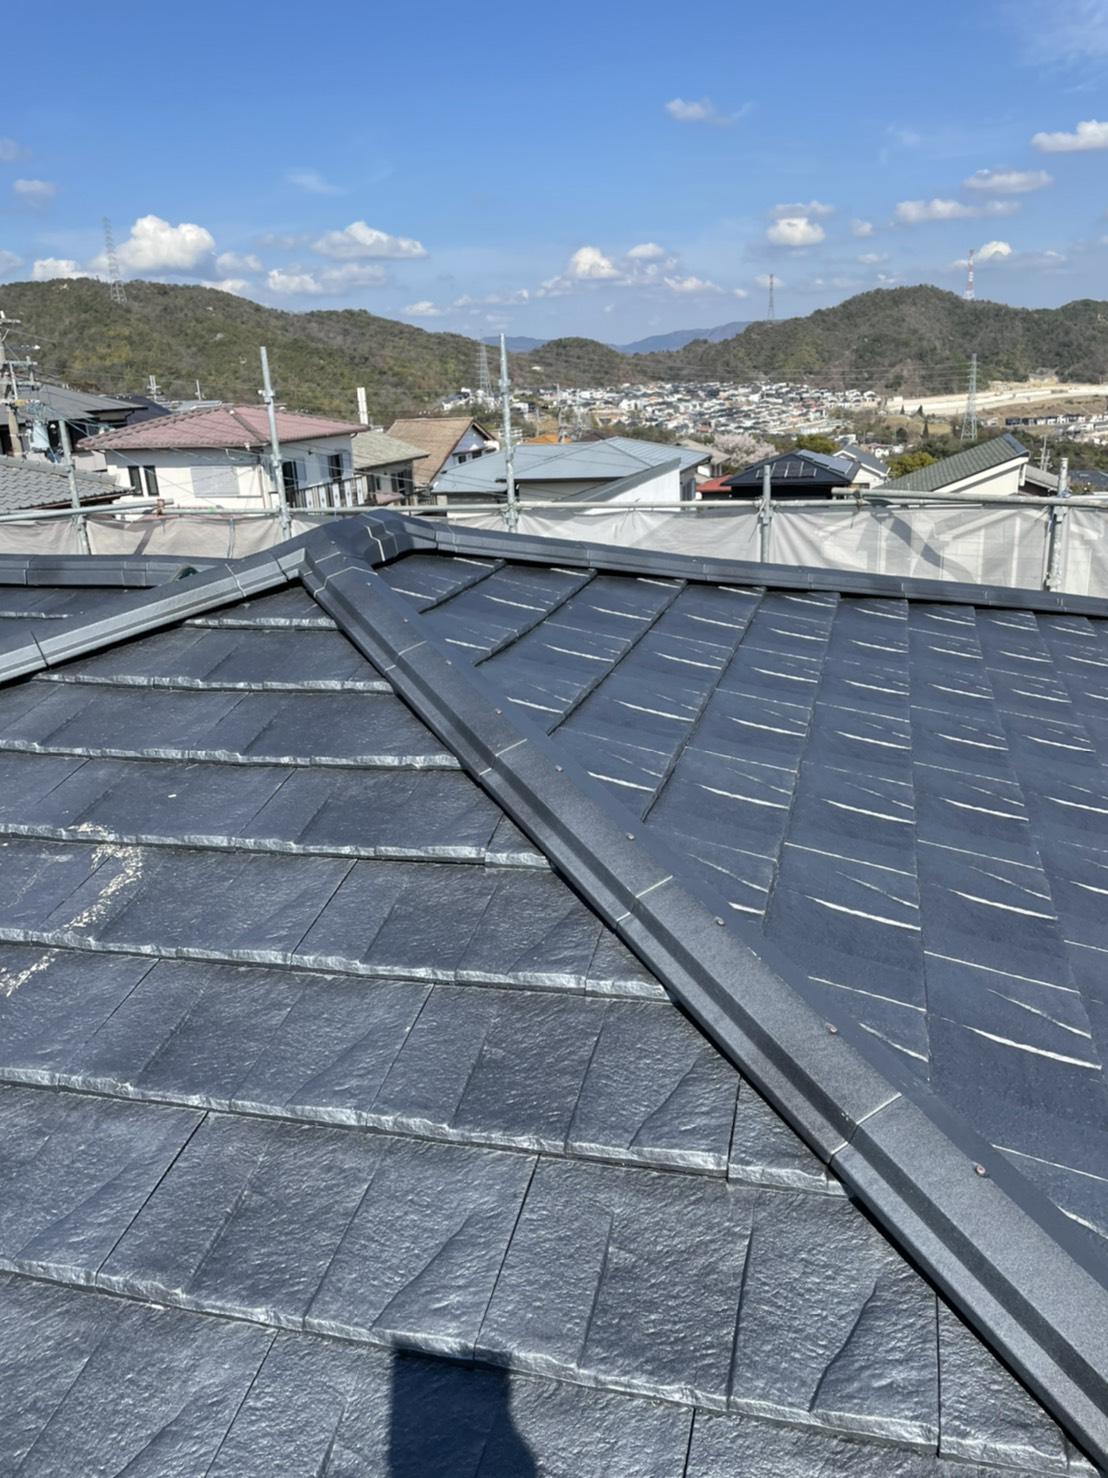 神戸市北区の屋根葺き替え工事で使用したお勧めの屋根材「ルーガ」の様子